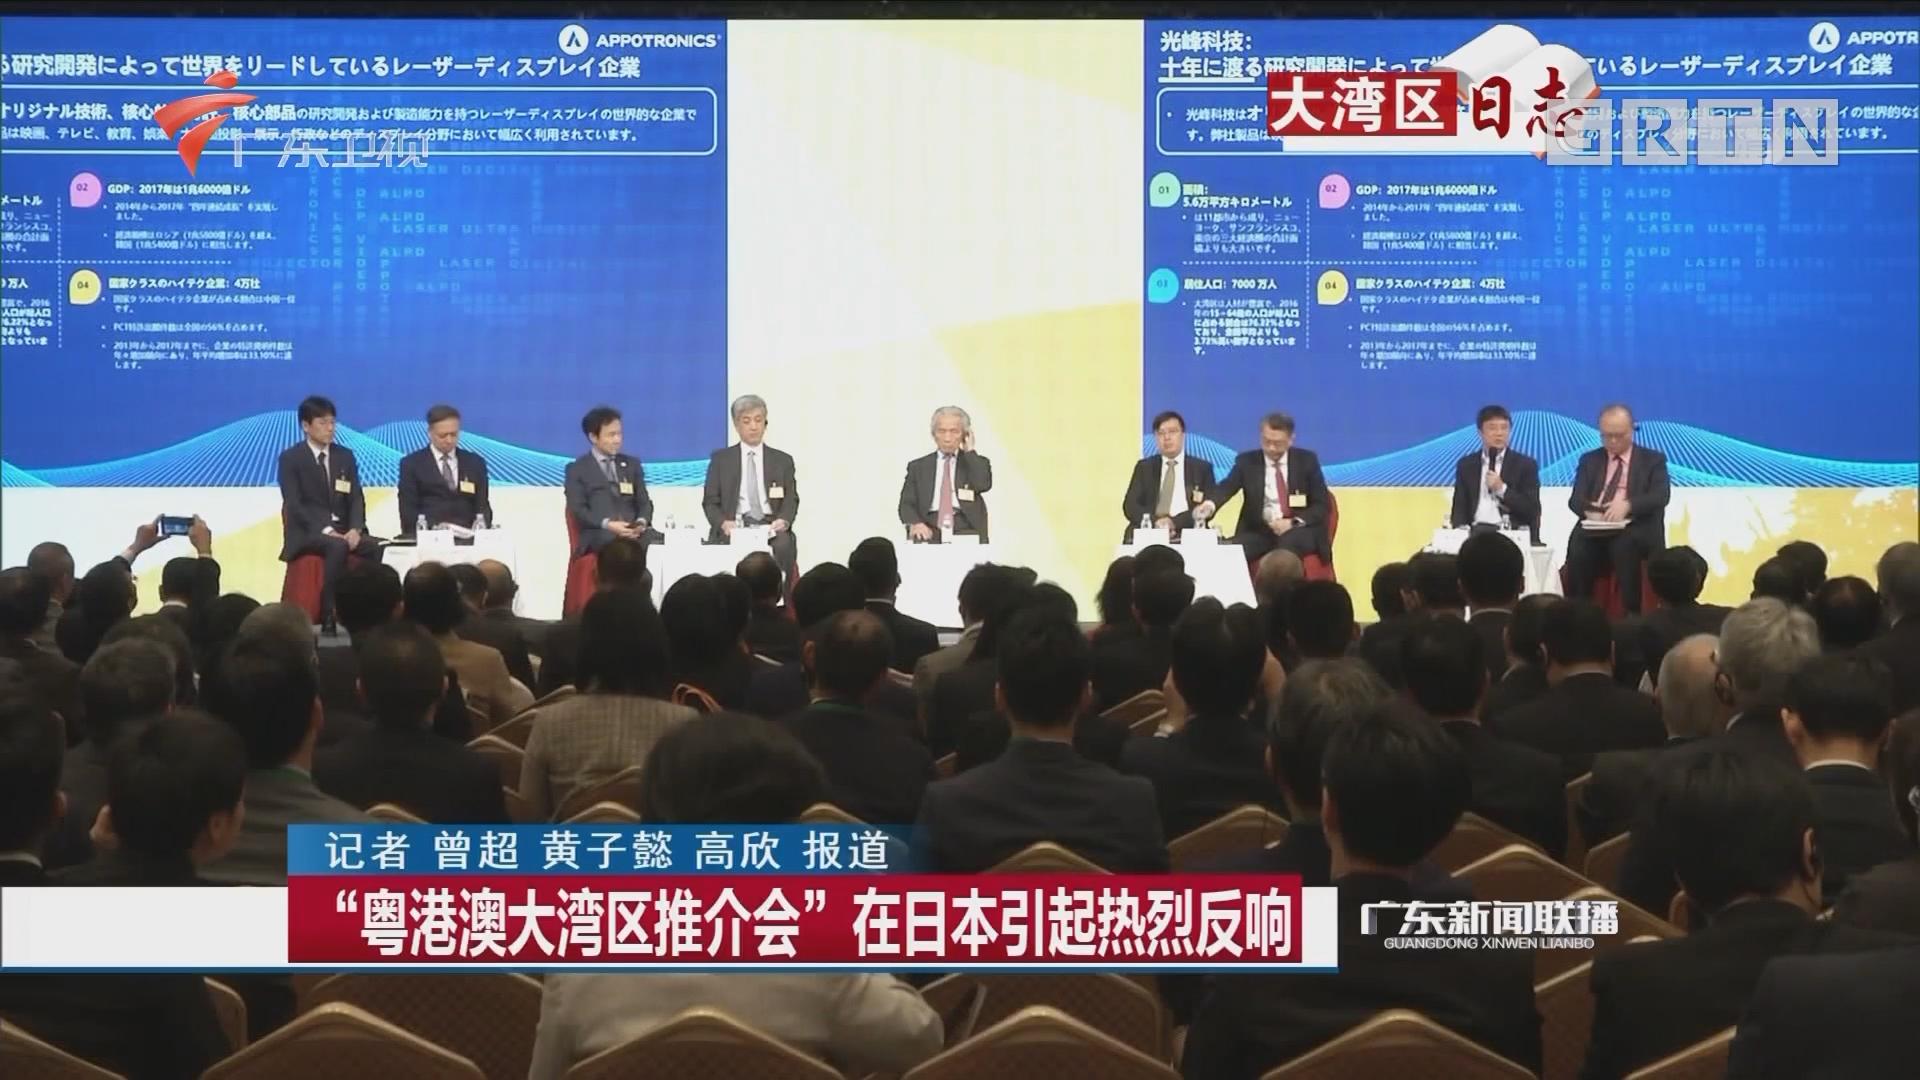 """""""粤港澳大湾区推介会""""在日本引起热烈反响"""